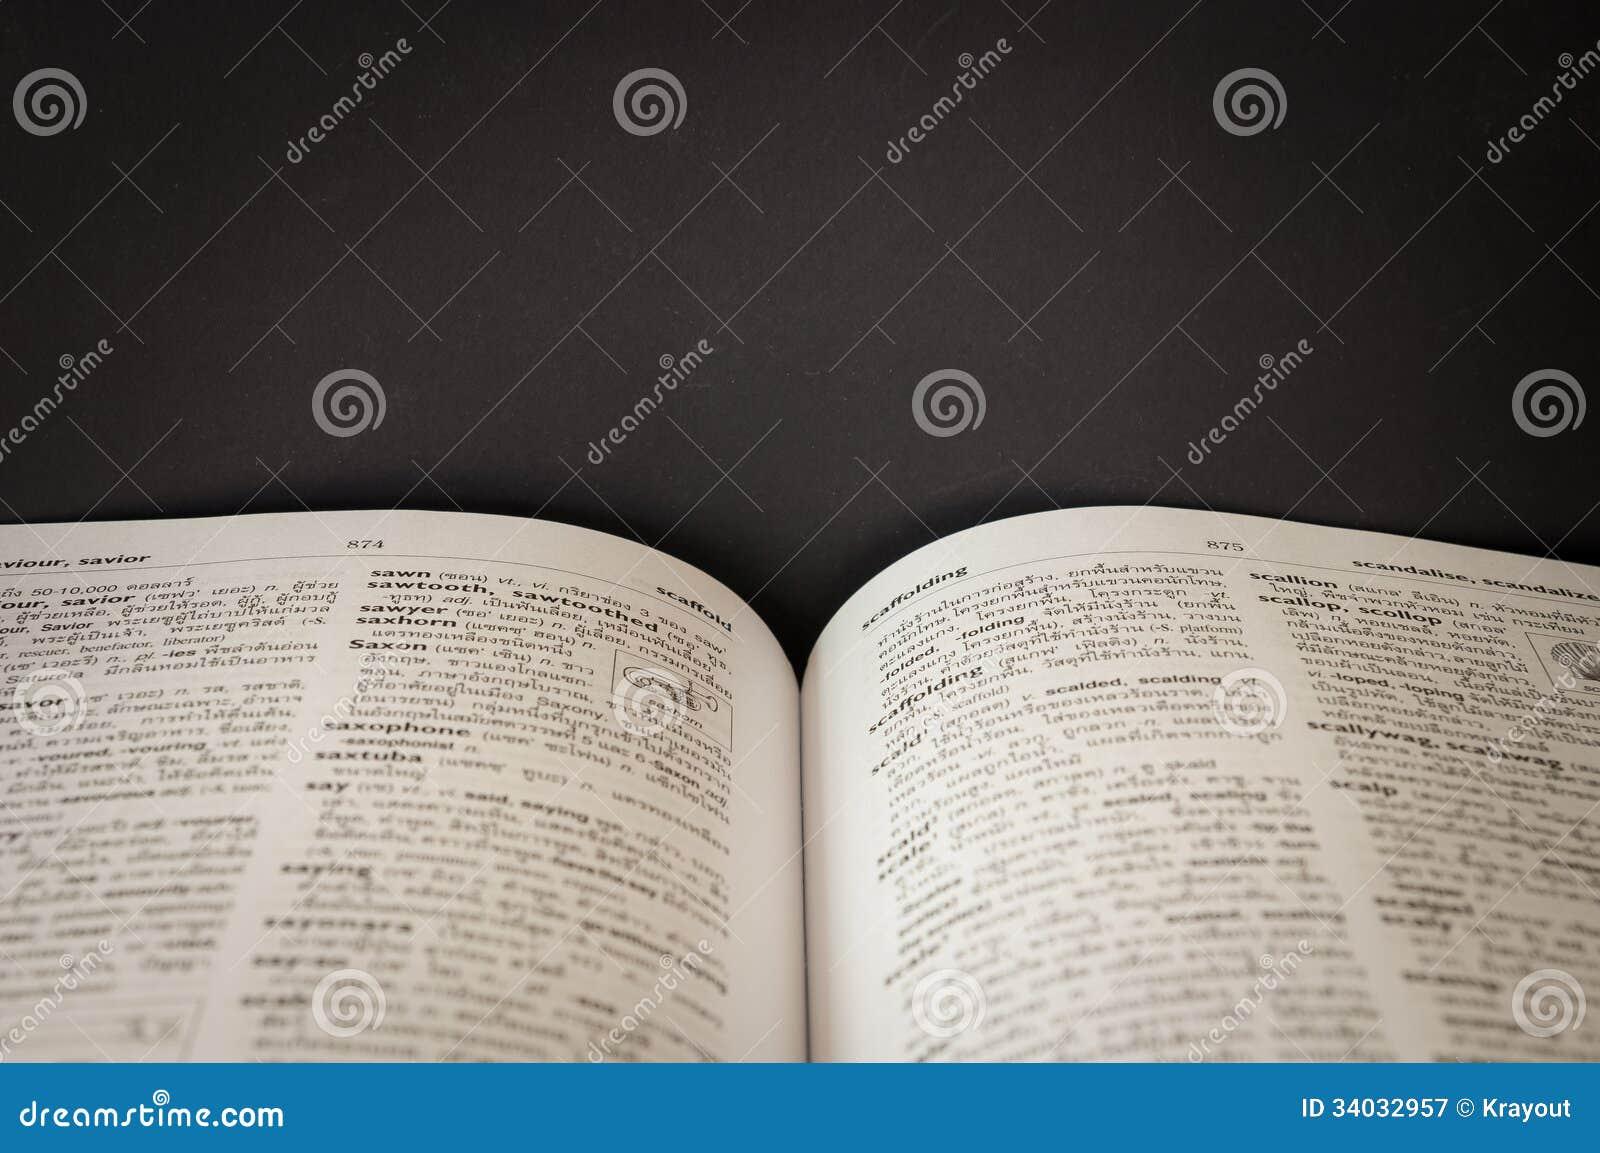 ebook Модели и методы материального